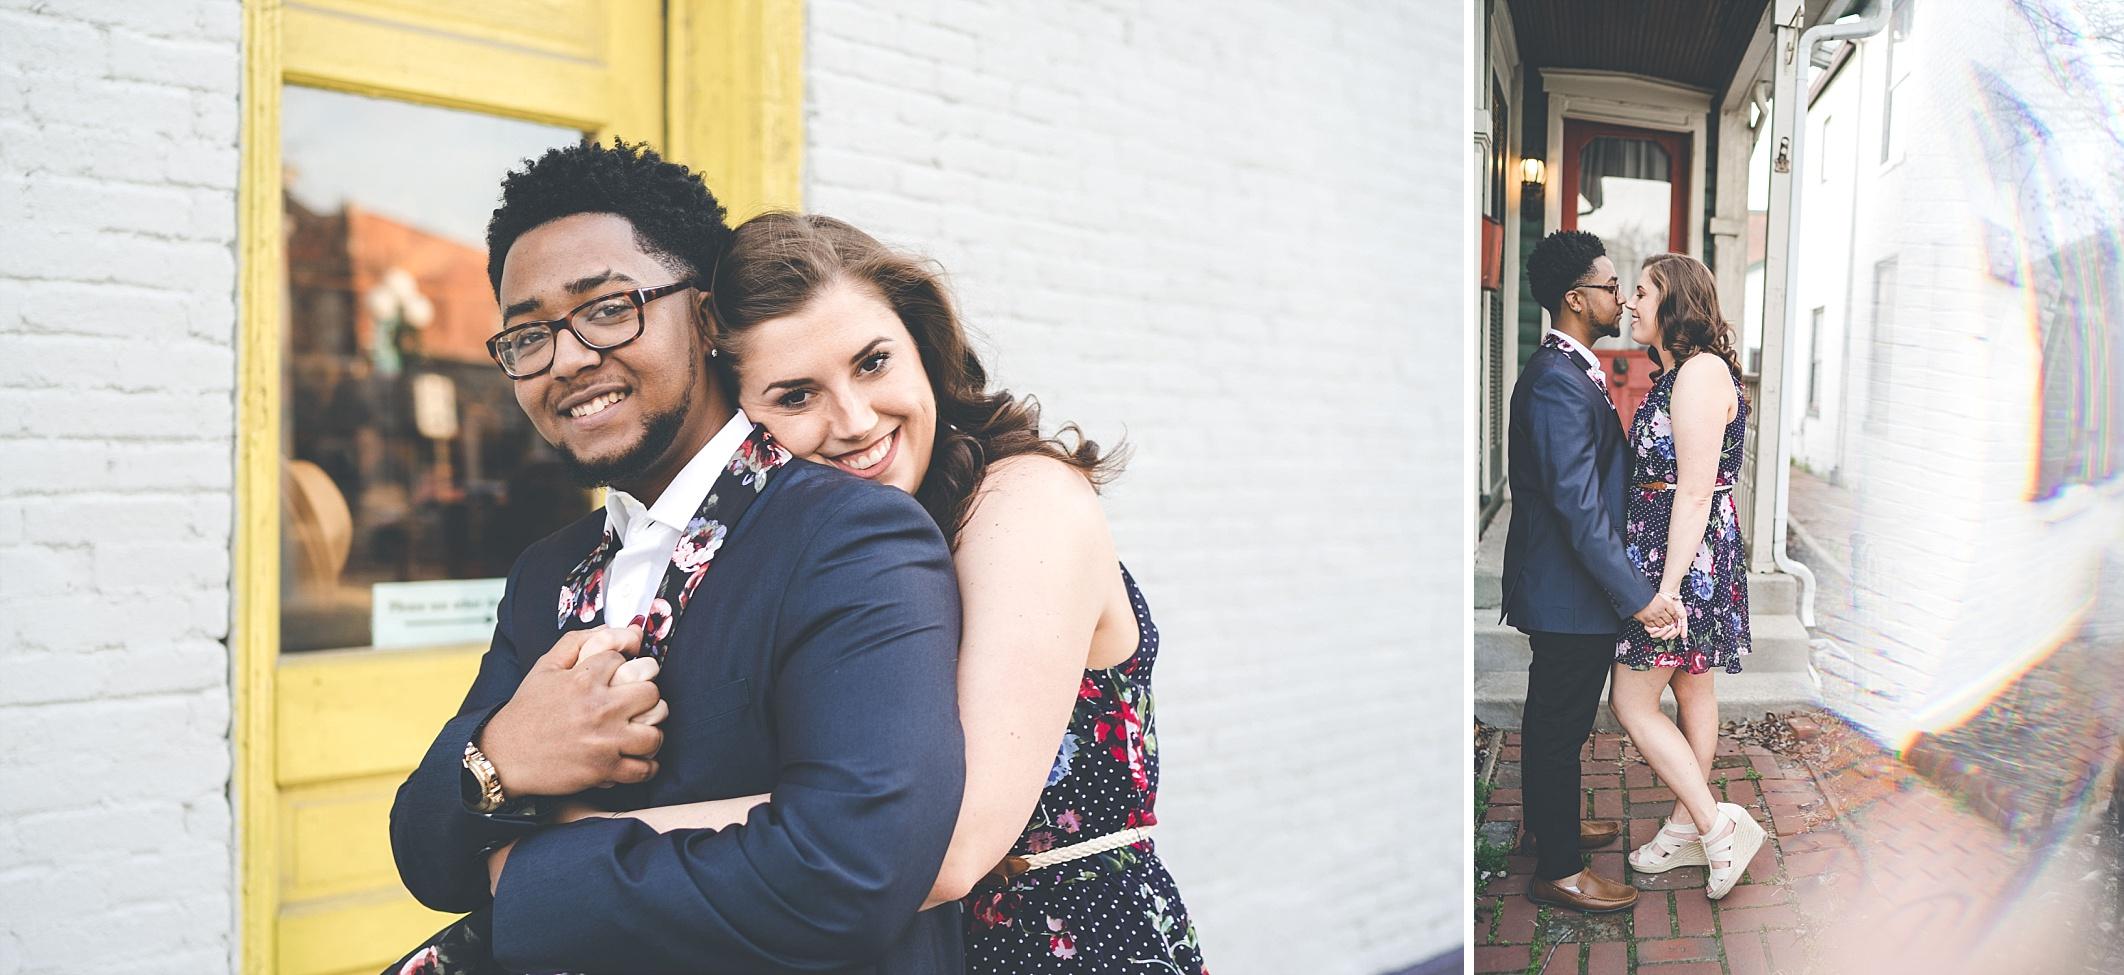 sydney-dayton-engagement--photographer-dayton-ohio_0011.jpg